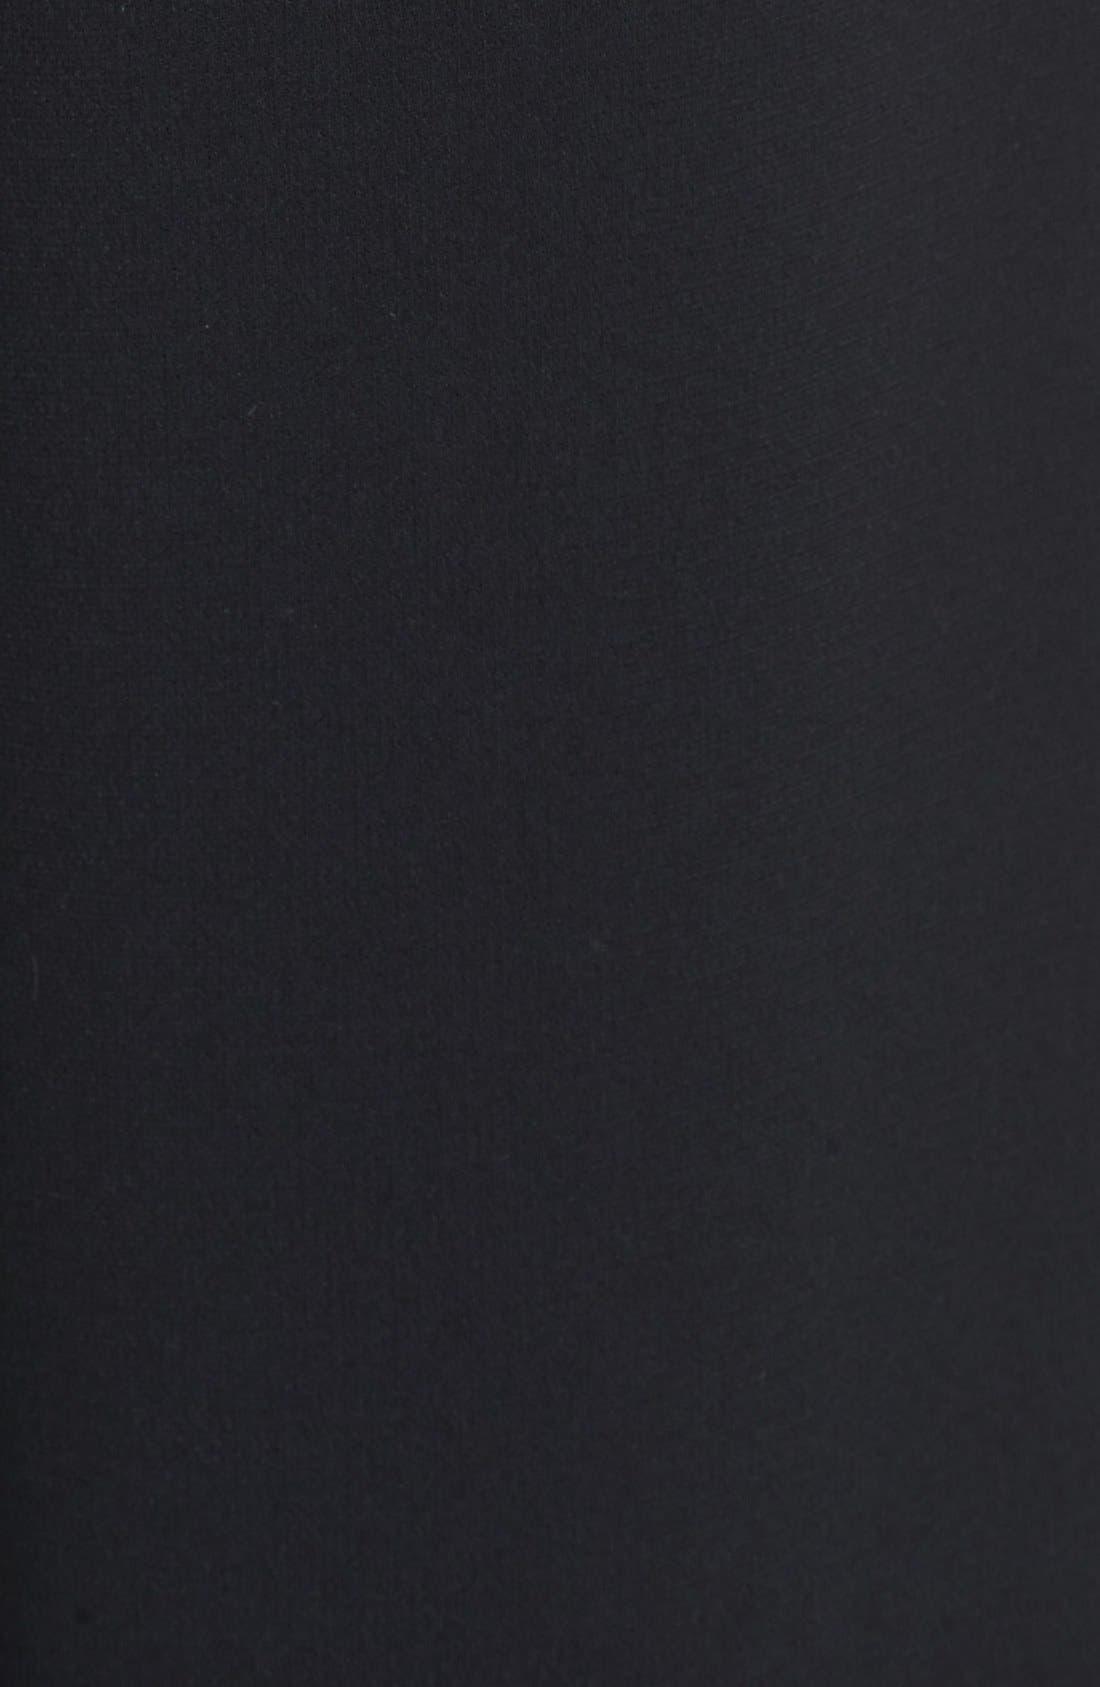 'Rowe' Pleat Crop Pants,                             Alternate thumbnail 7, color,                             001